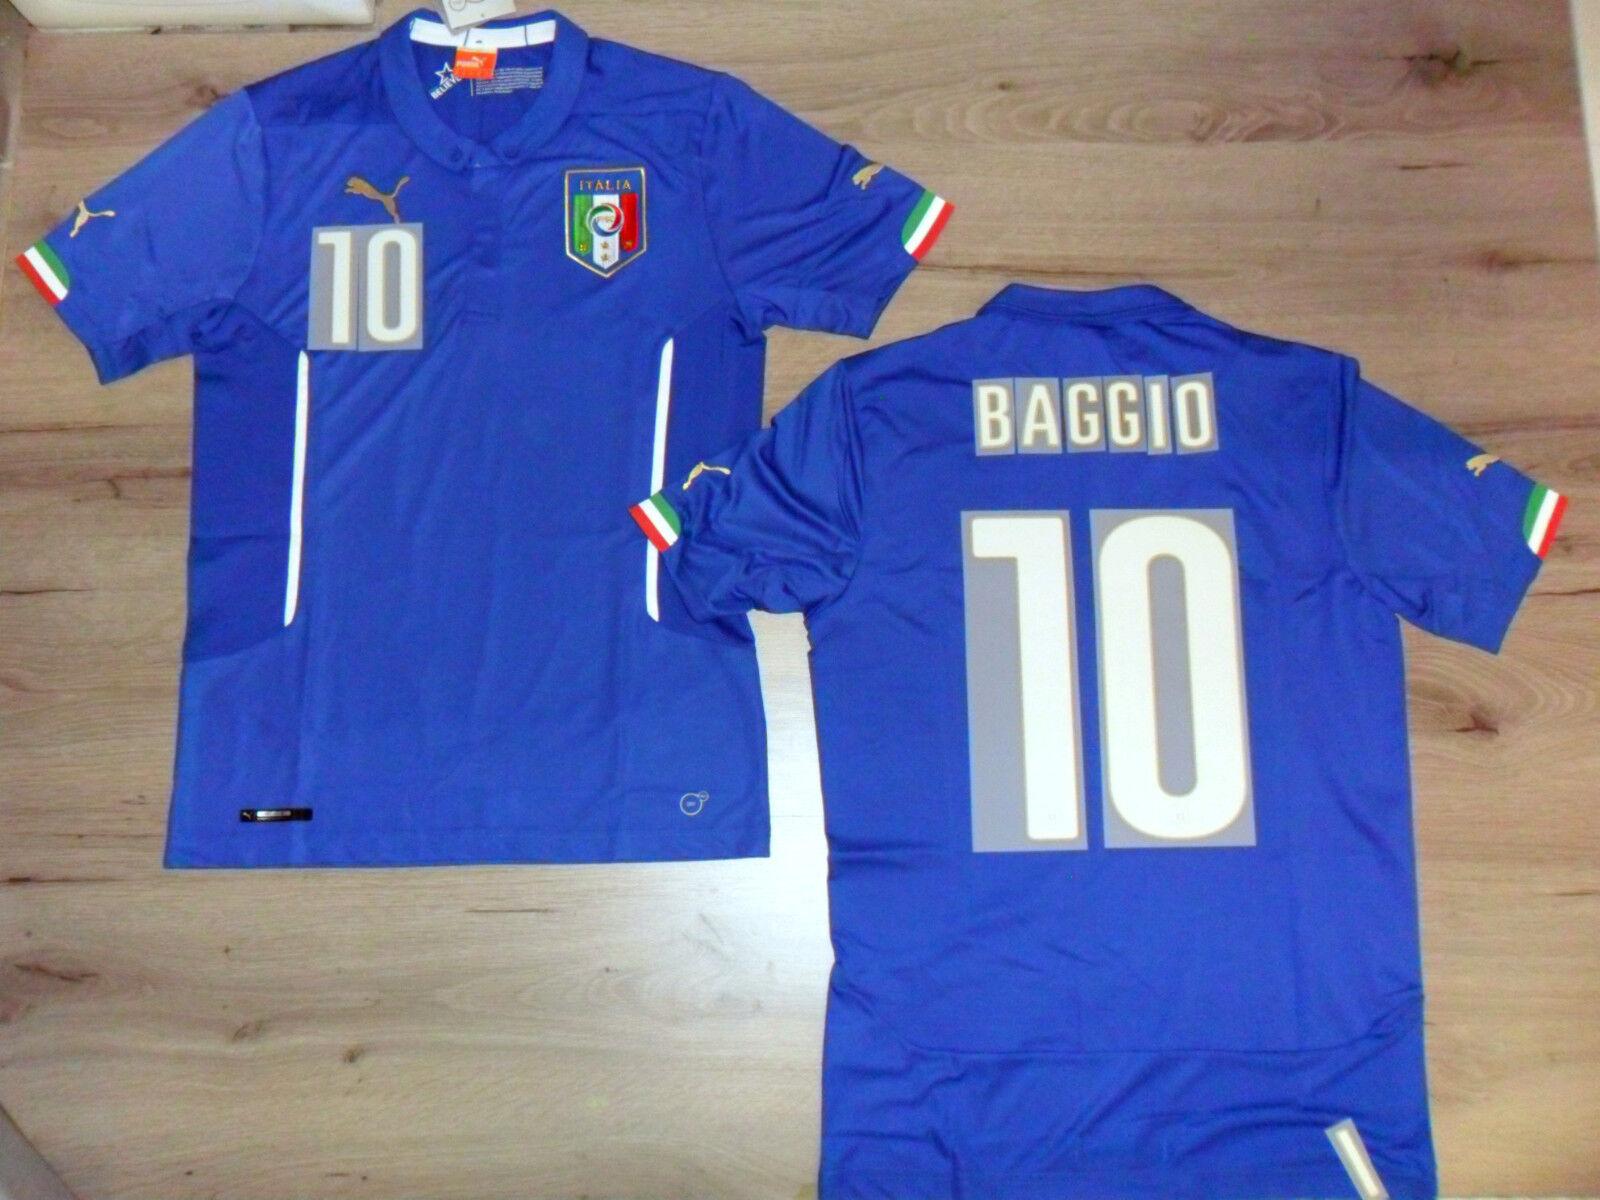 FW14 PUMA XL HOME ITALIA 10 BAGGIO MAGLIA MAGLIETTA MONDIALI SHIRT JERSEY